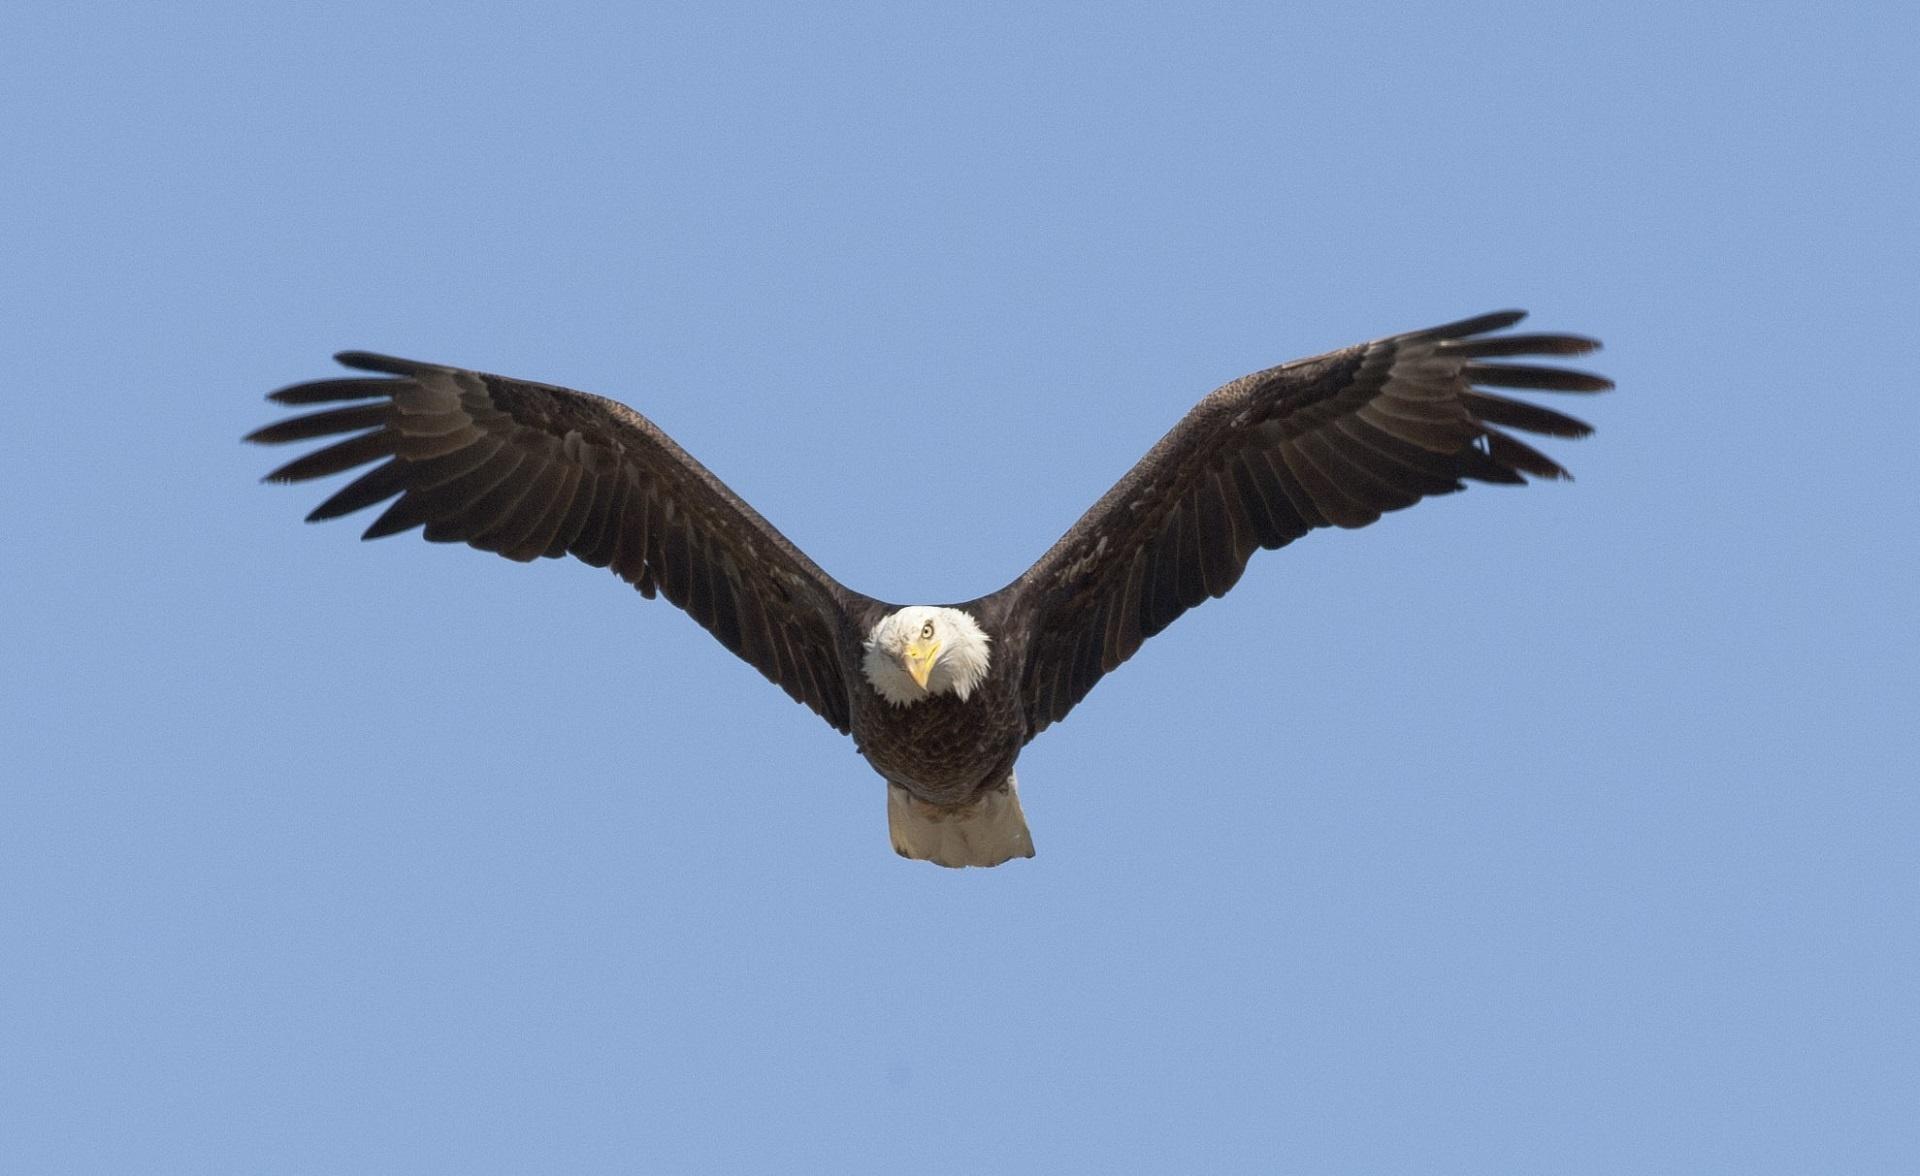 Eagle Pose